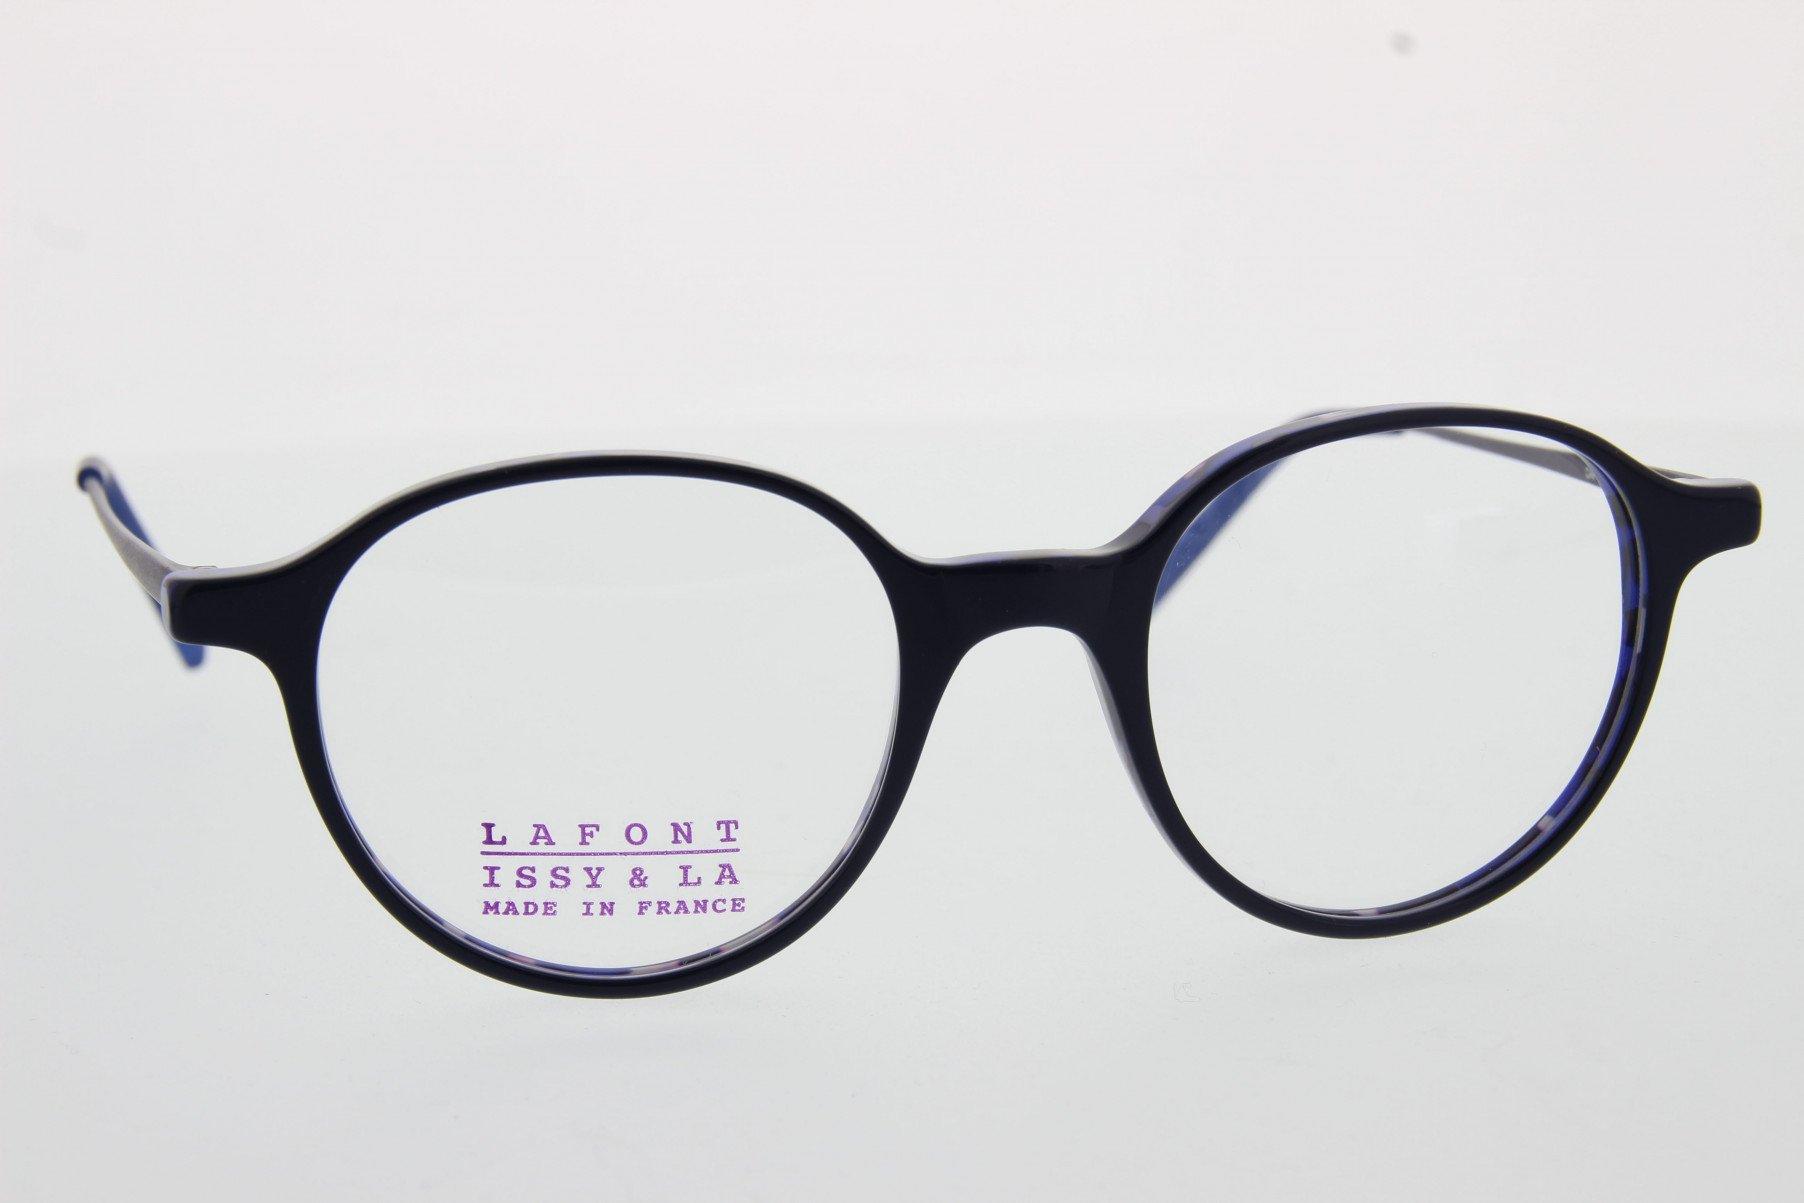 Ontdek de ABC 6049 bril van Lafont bij Brilart!